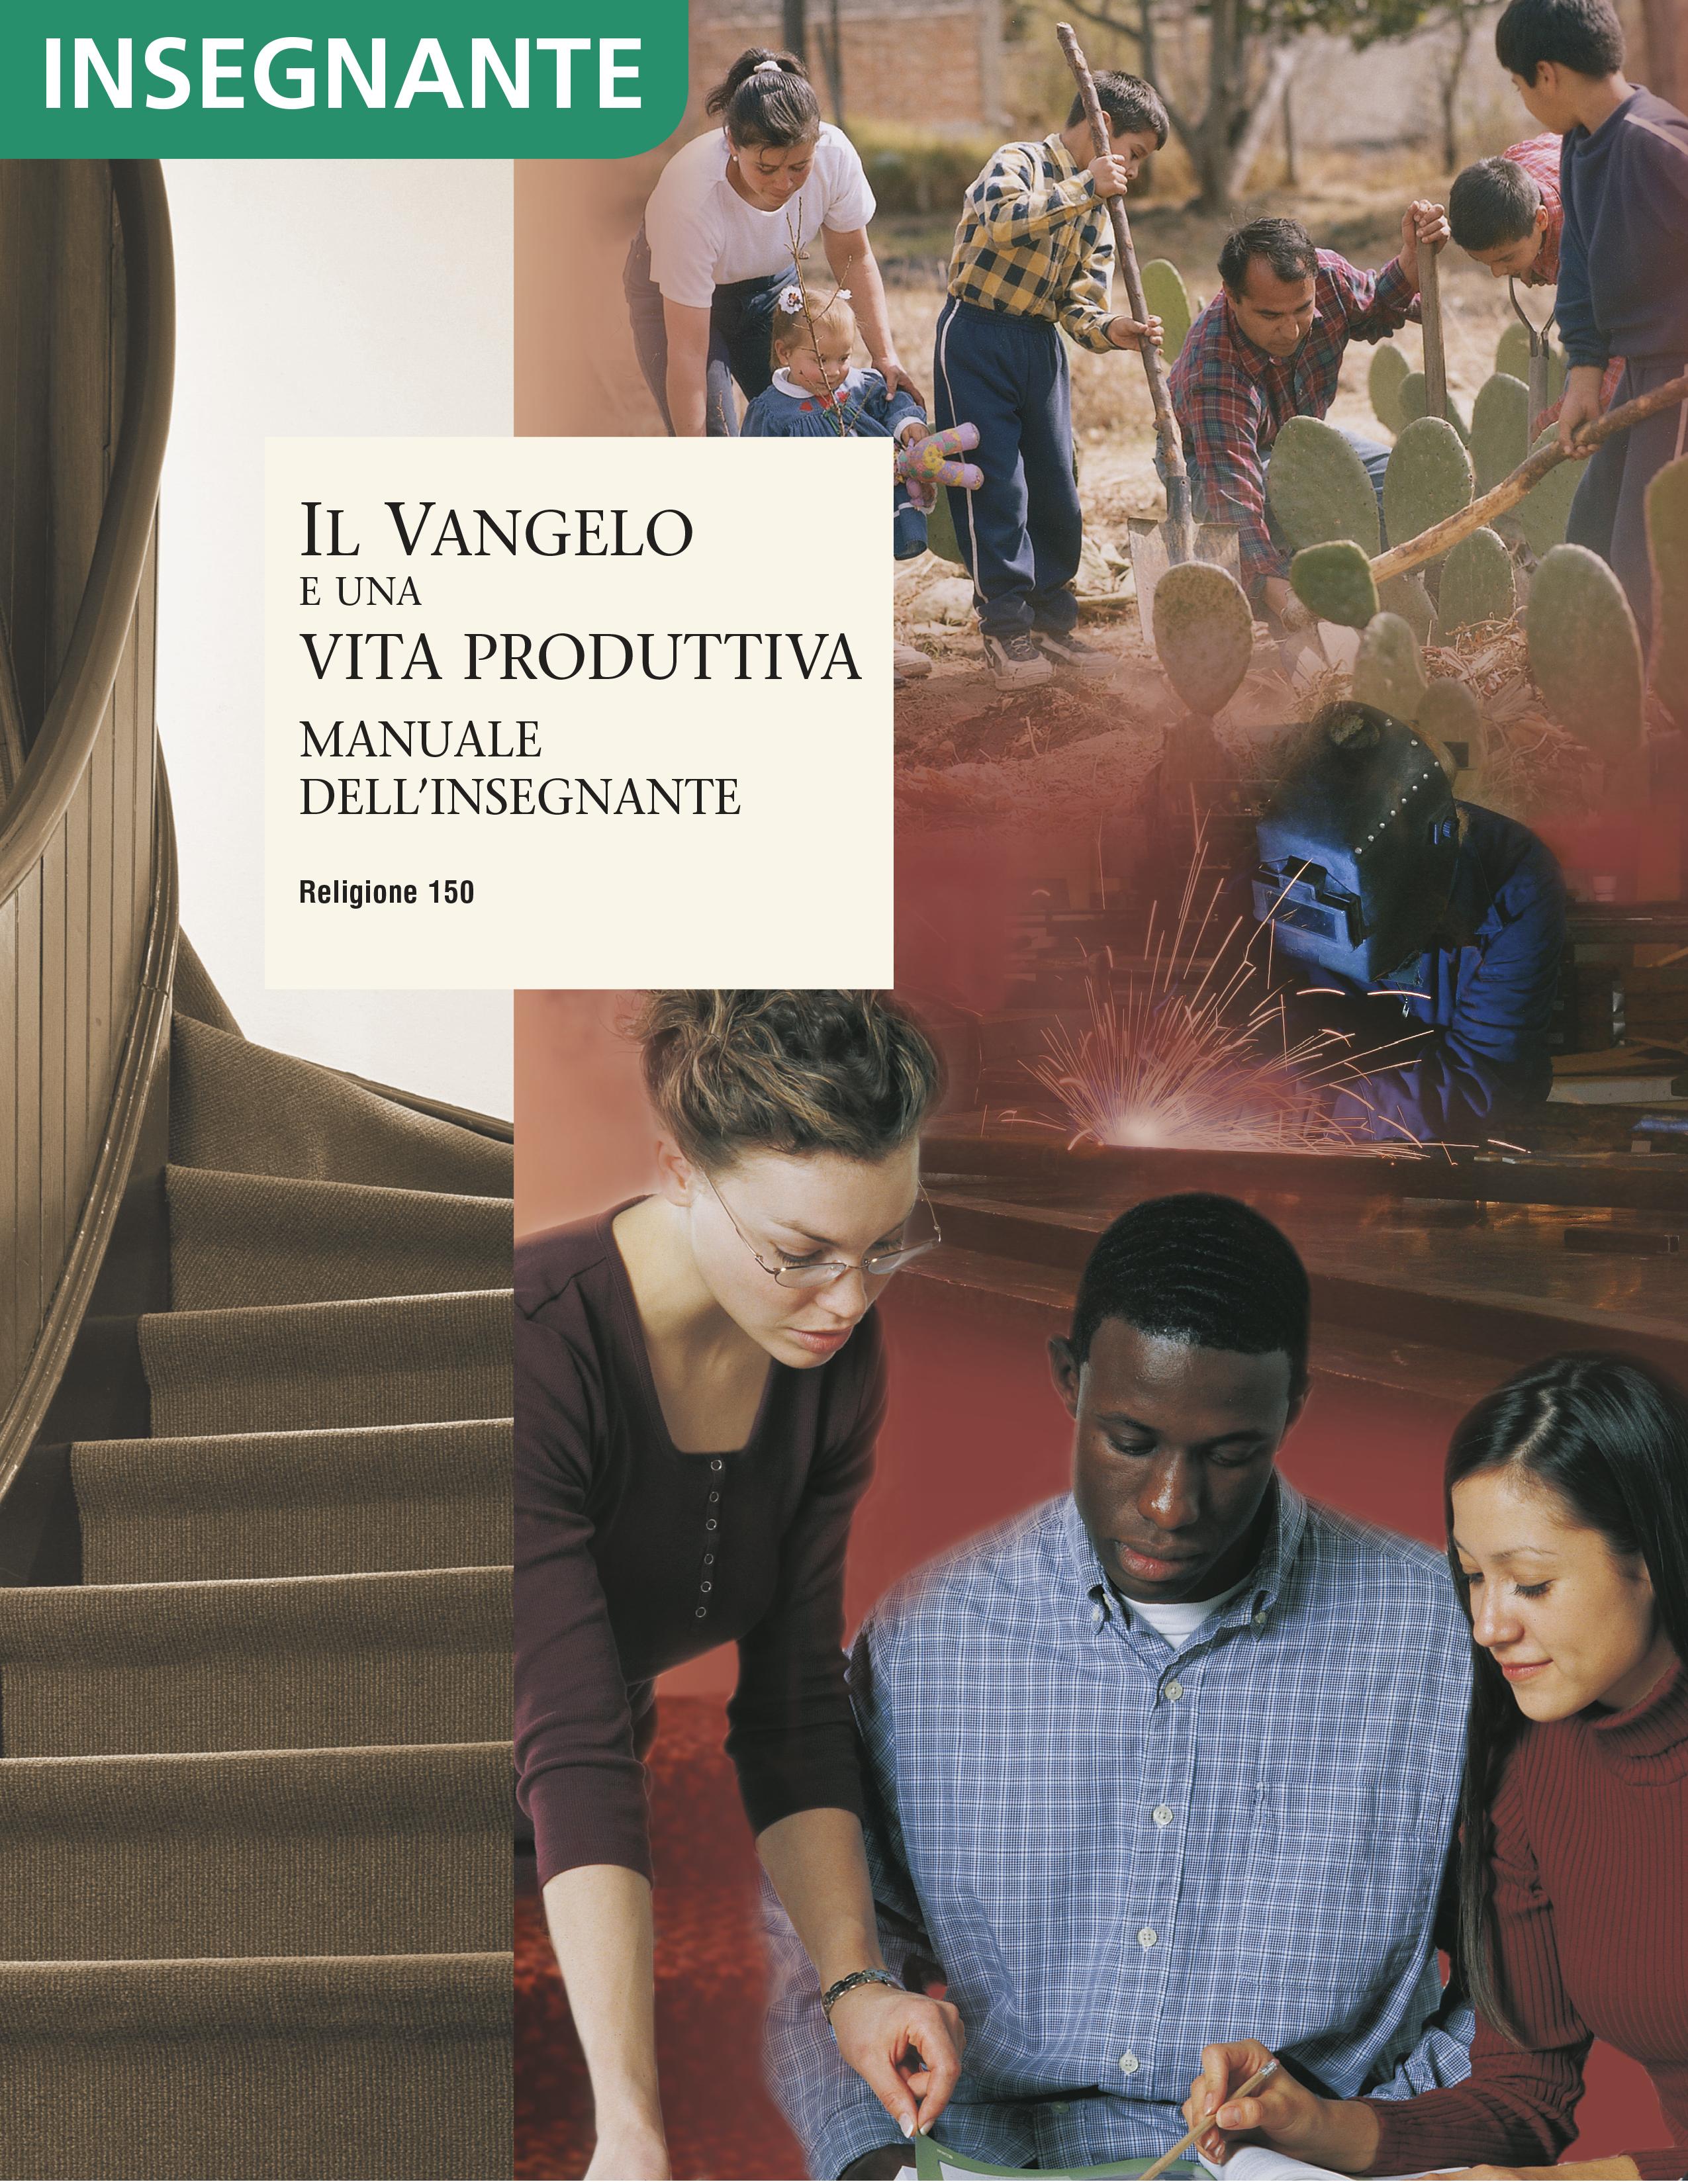 Il Vangelo e una vita produttiva – Manuale dell'insegnante (Religione 150)